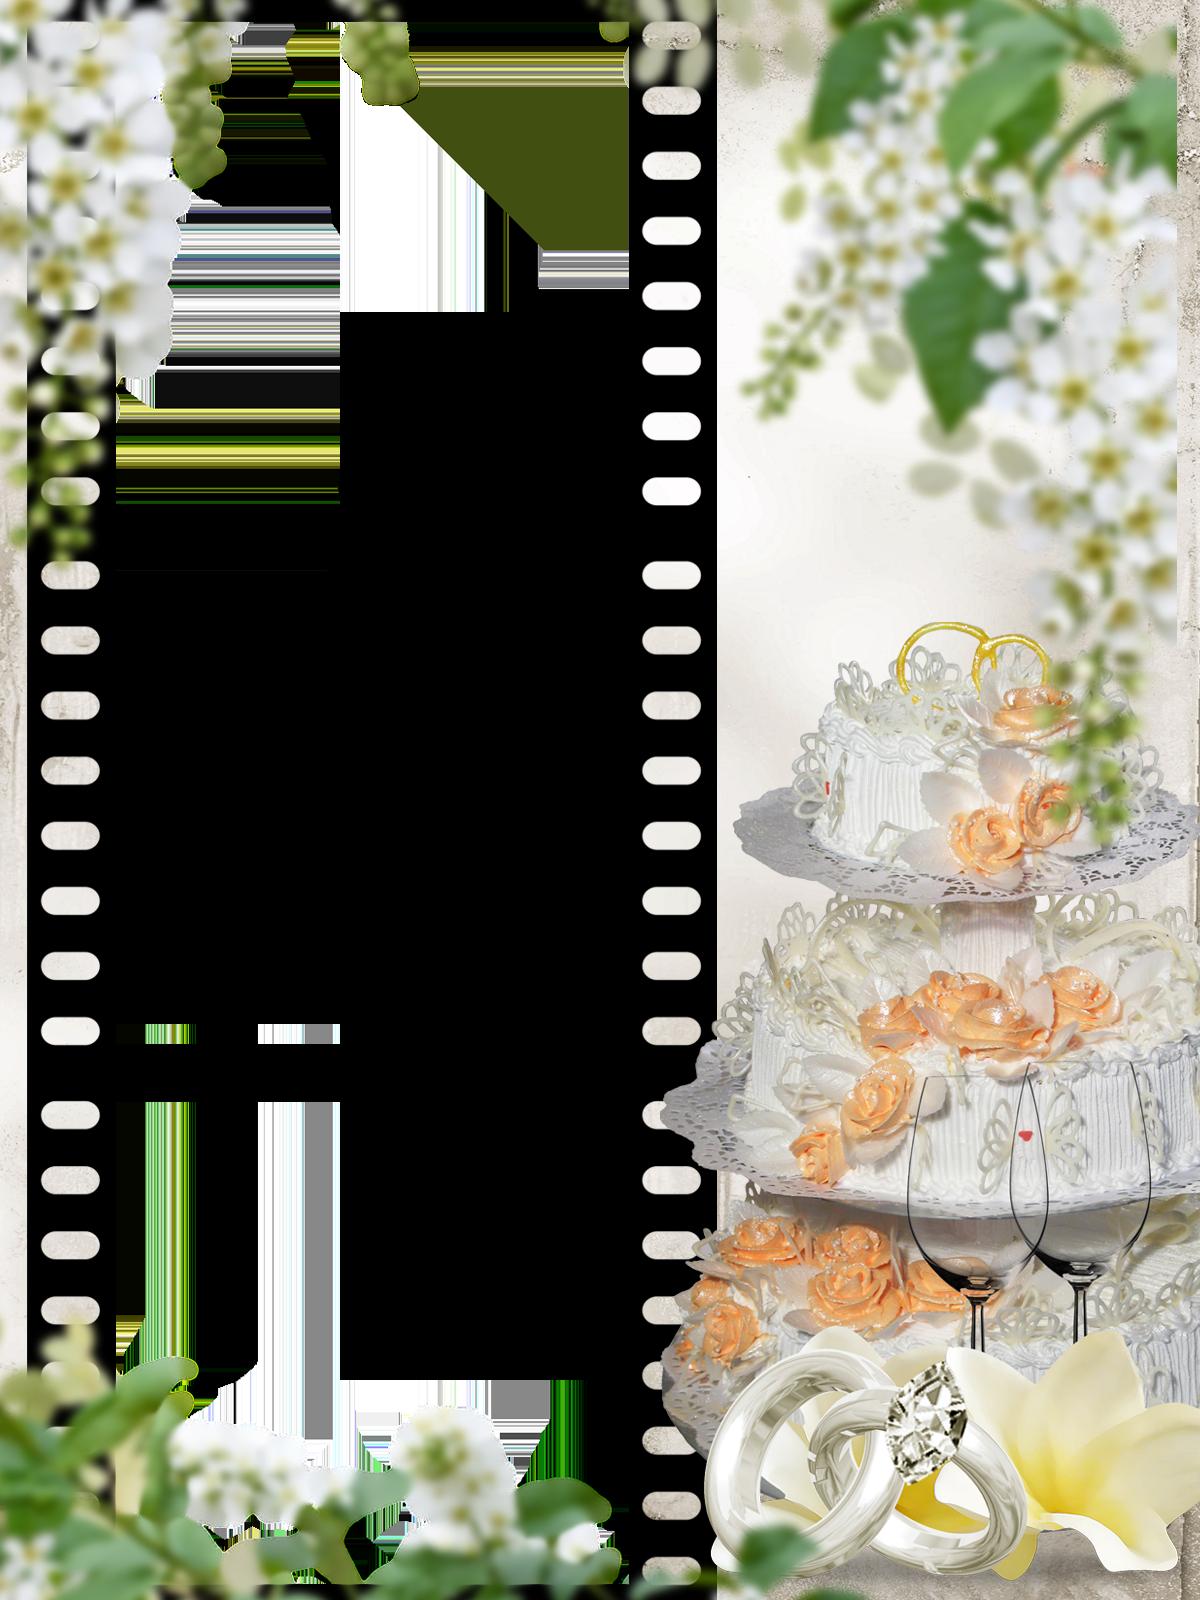 Фоторамка Свадебный торт Фоторамка для фотошопа, PNG шаблон. Фоторамка на свадьбу. Свадебный торт. Кадры фотопленки. Три рамки. Фоторамка на 3 фотографии. Белая черемуха, цветущая яблоня, гроздья белых цветов. Обручальные кольца, бокалы.